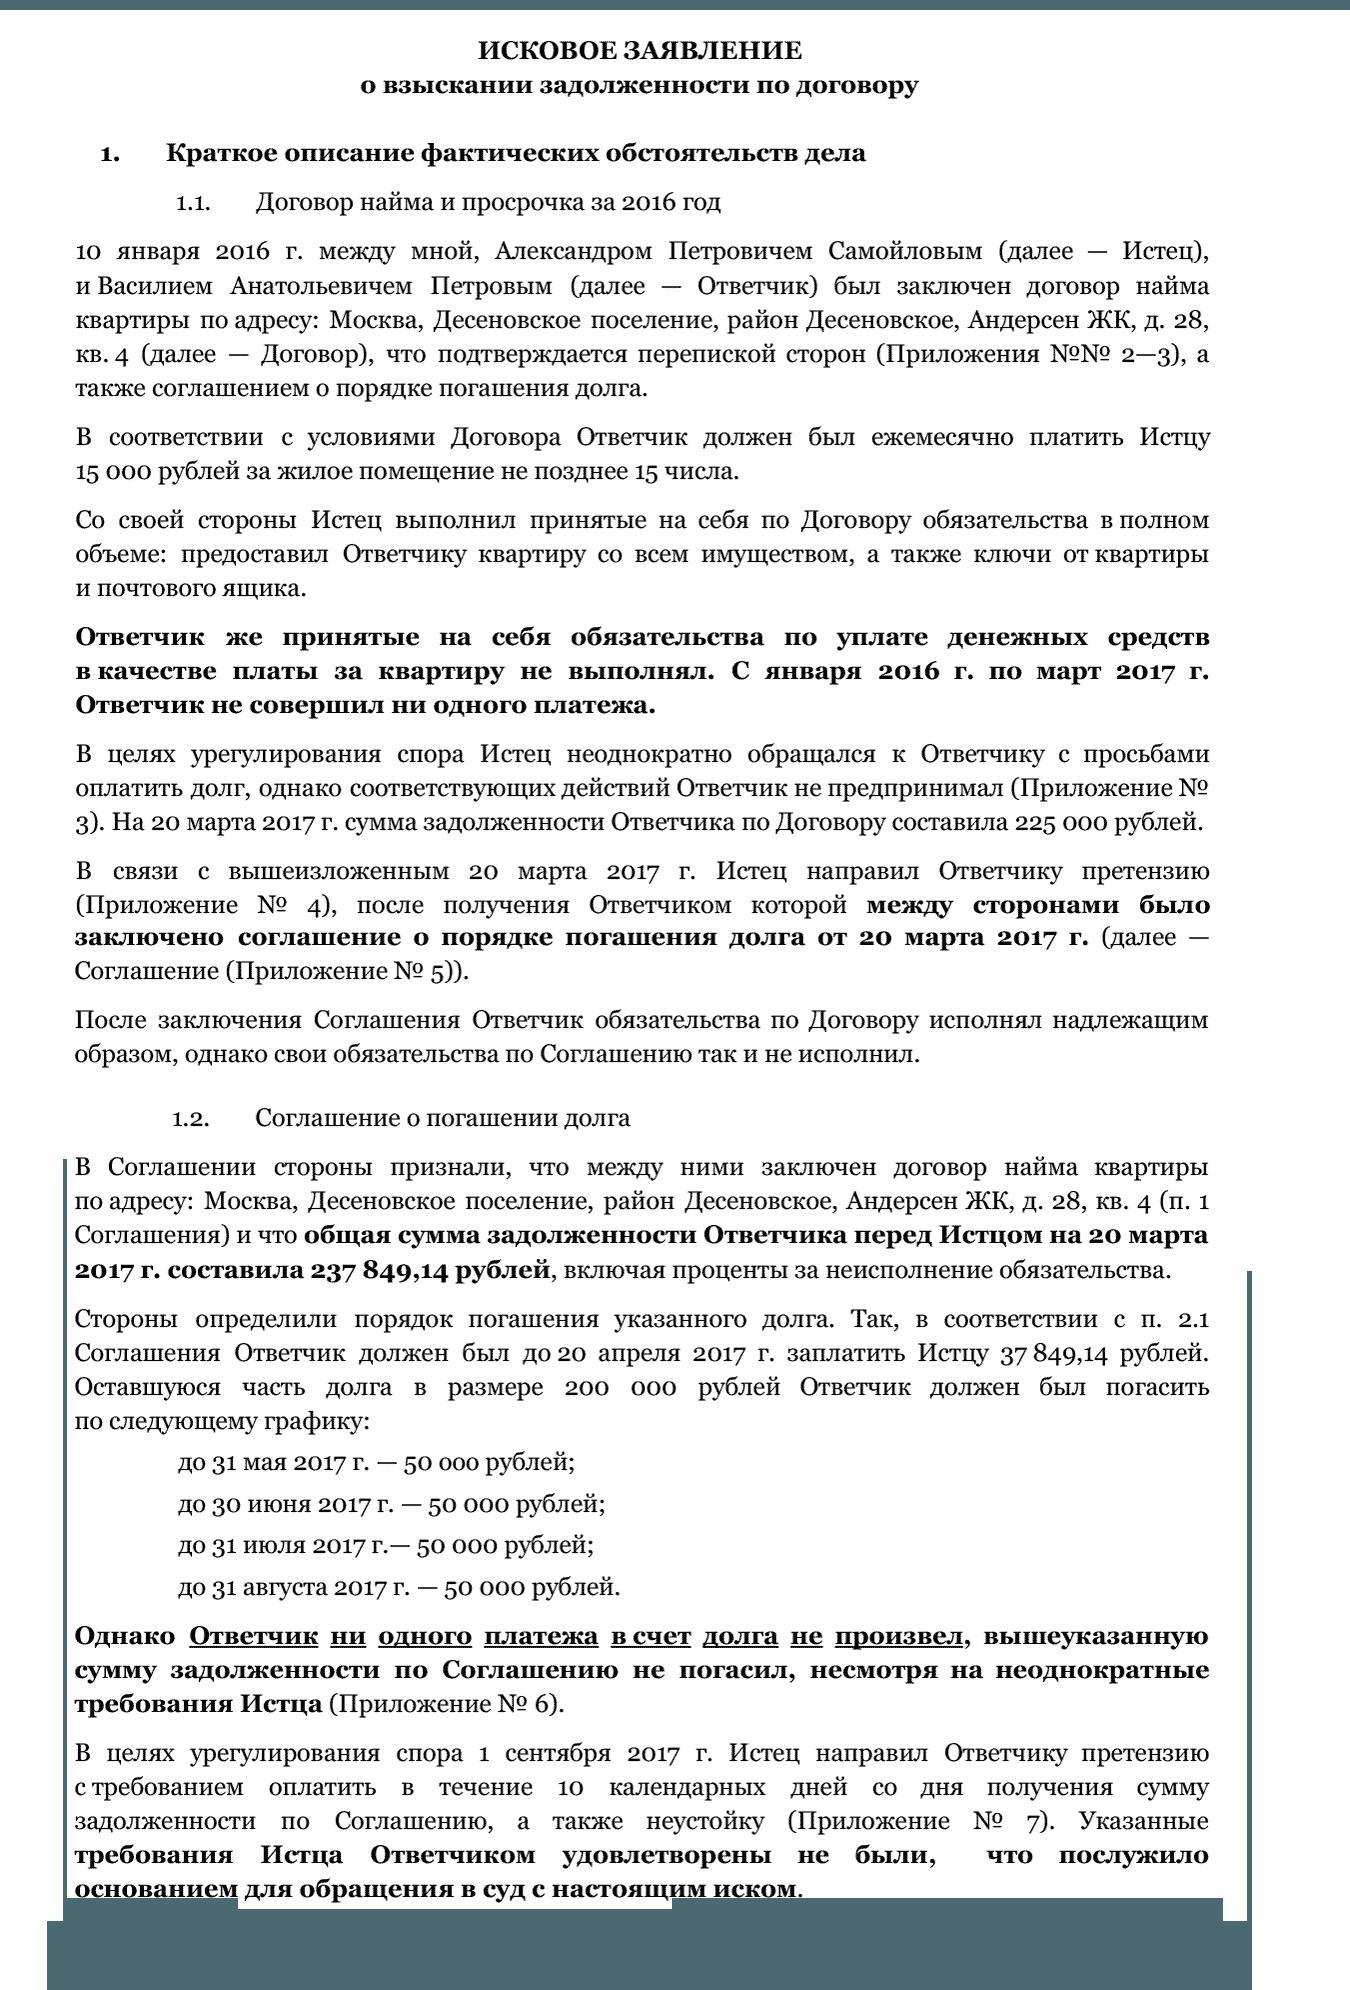 Исковое заявление о взыскании коммунальных платежей, образец 2020: как правильно составить и подать в суд